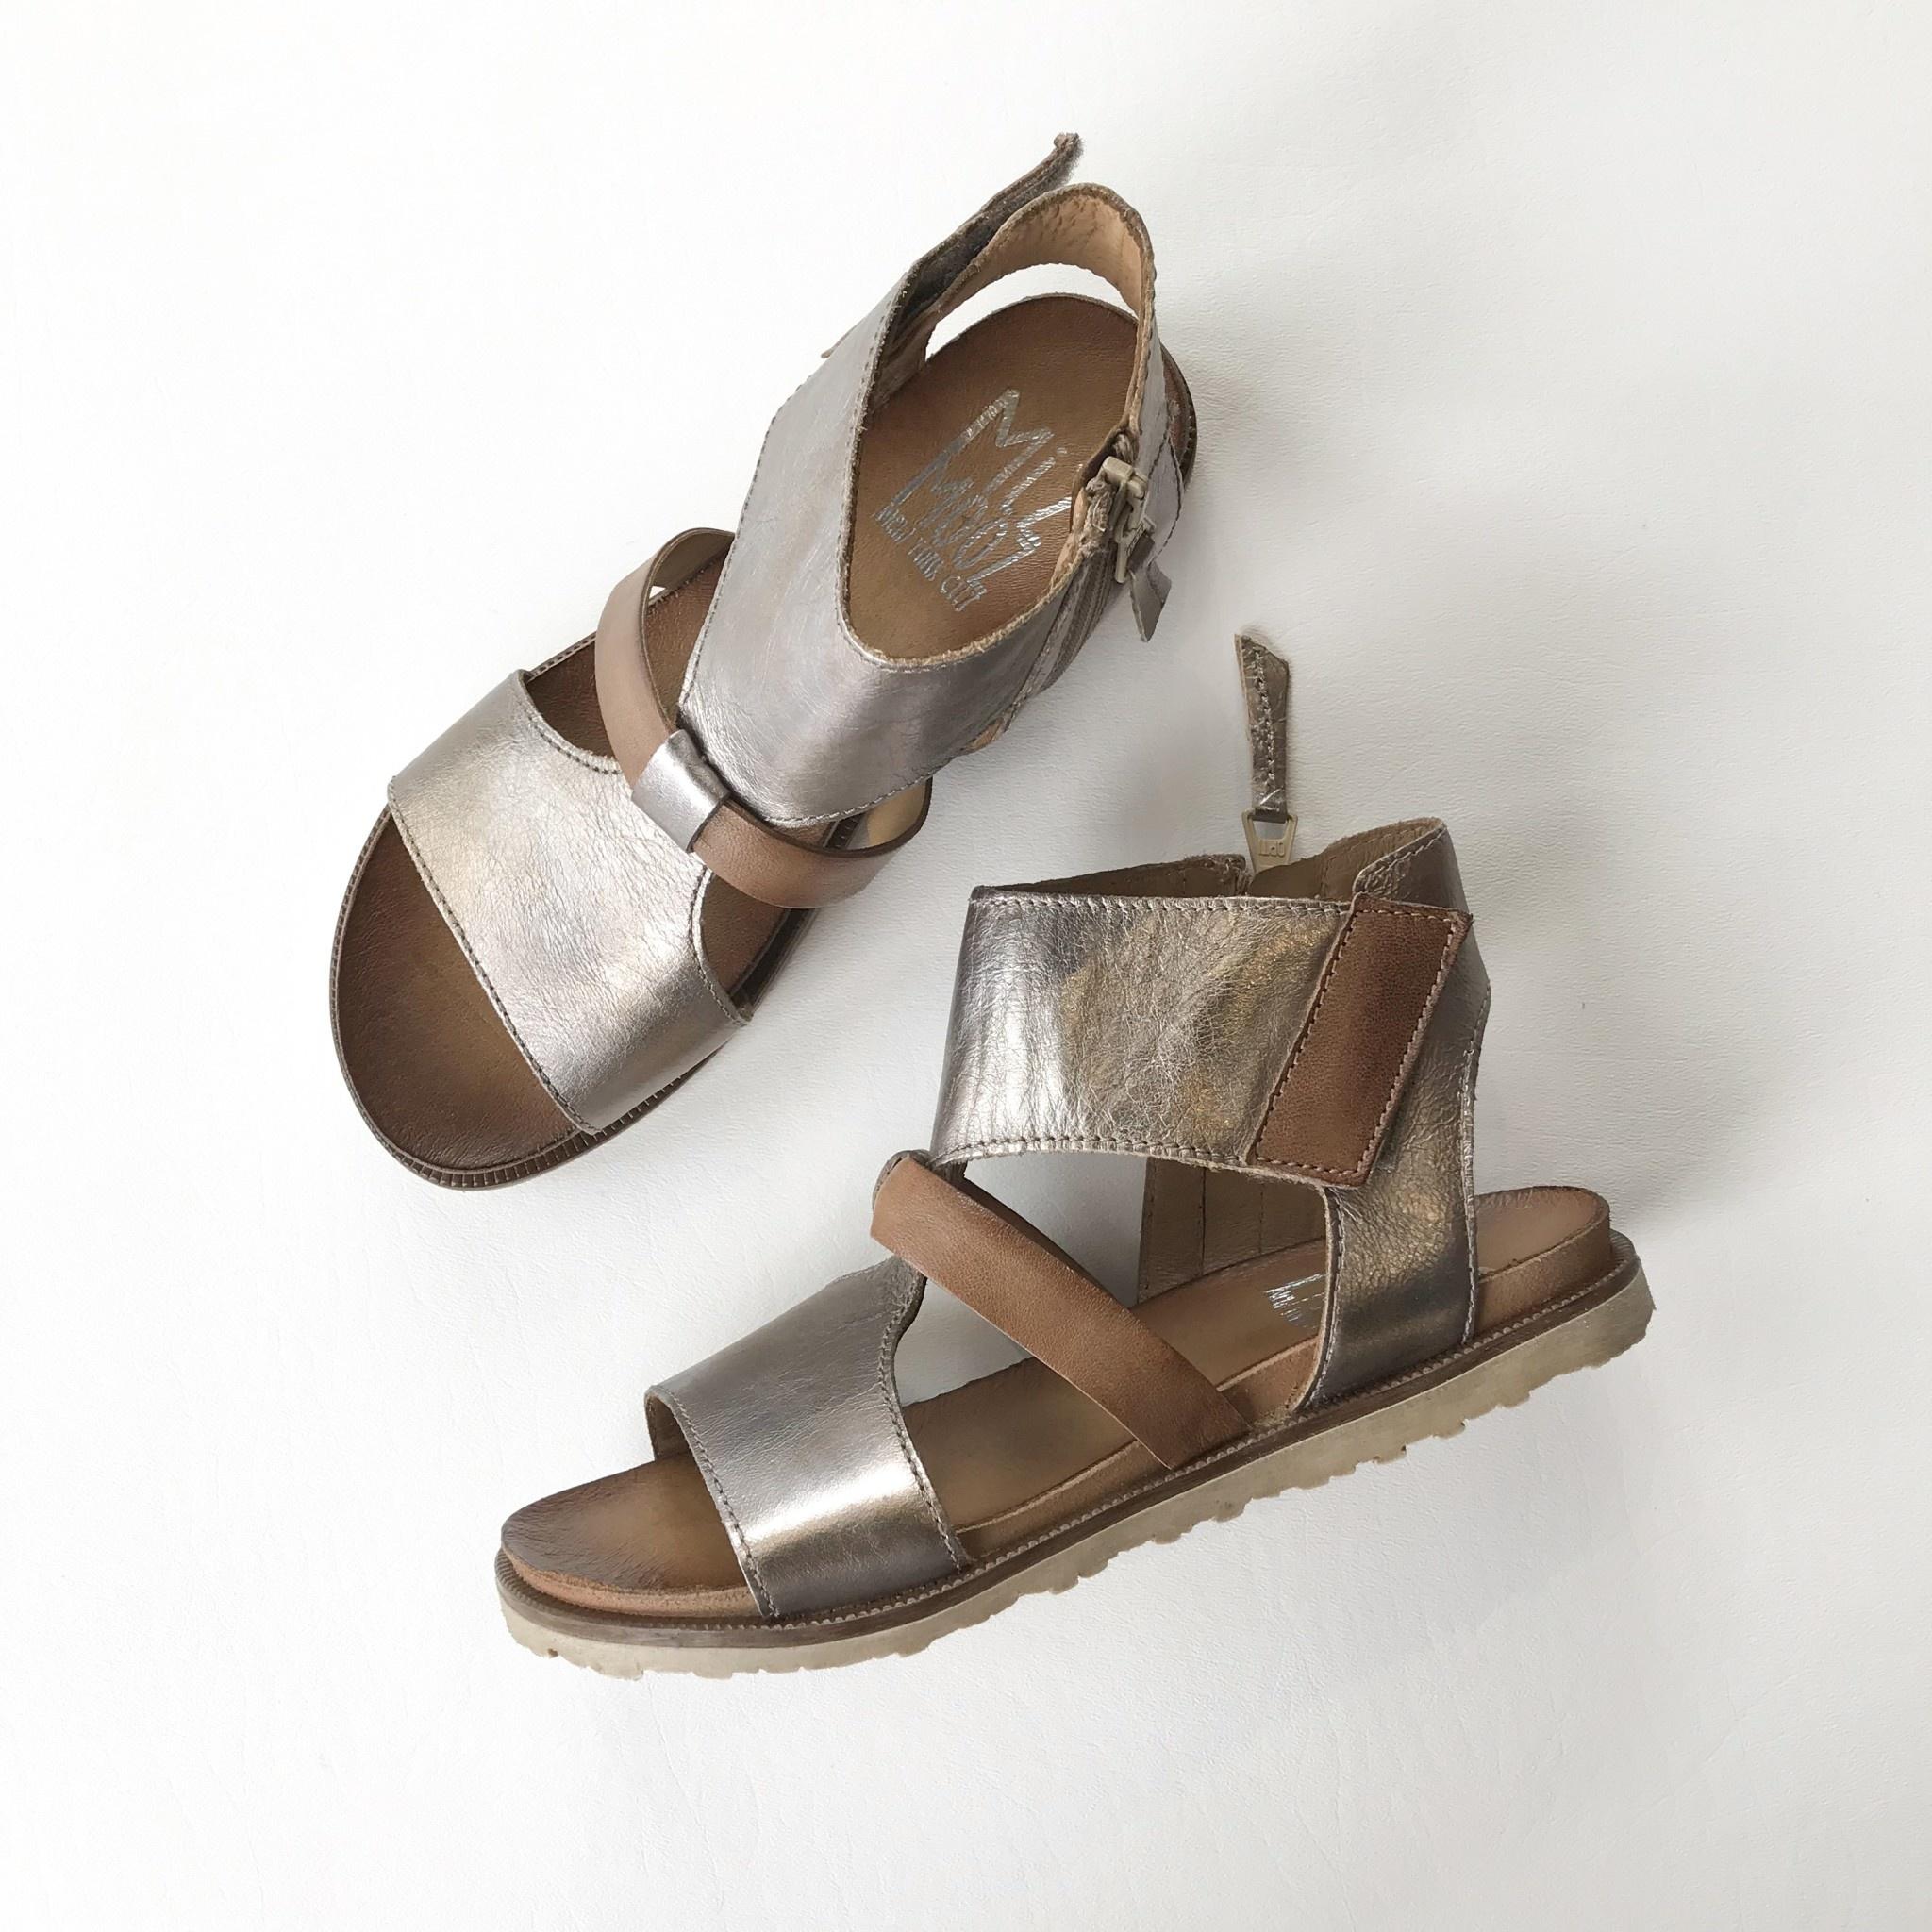 Miz Mooz Tamsyn sandal